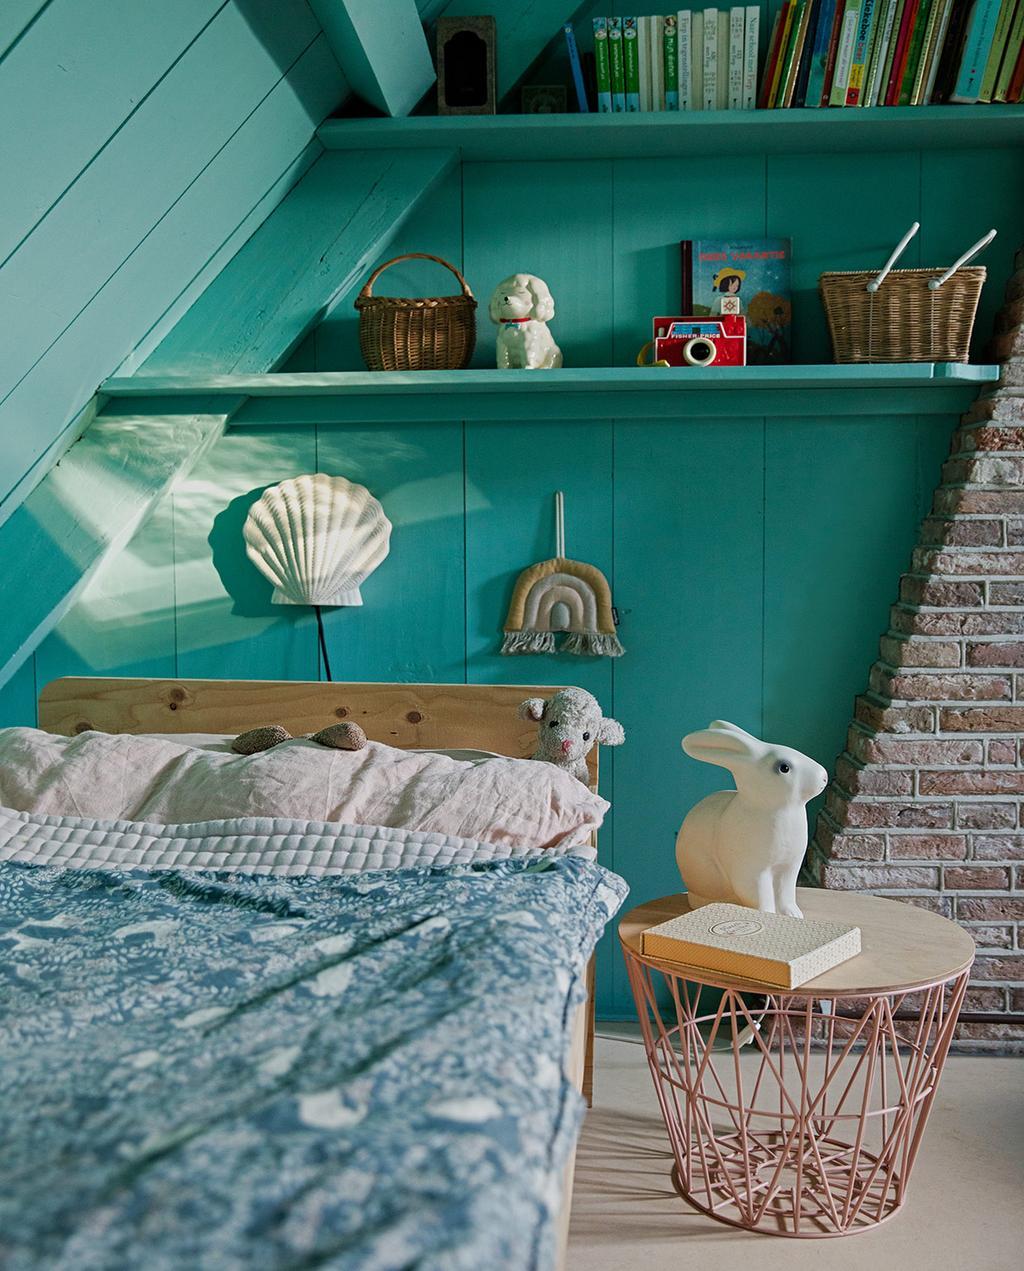 vtwonen 05-2021 | kinderkamer met een konijn op het nachtkastje en een regenboog wanddecoratie met wandplanken